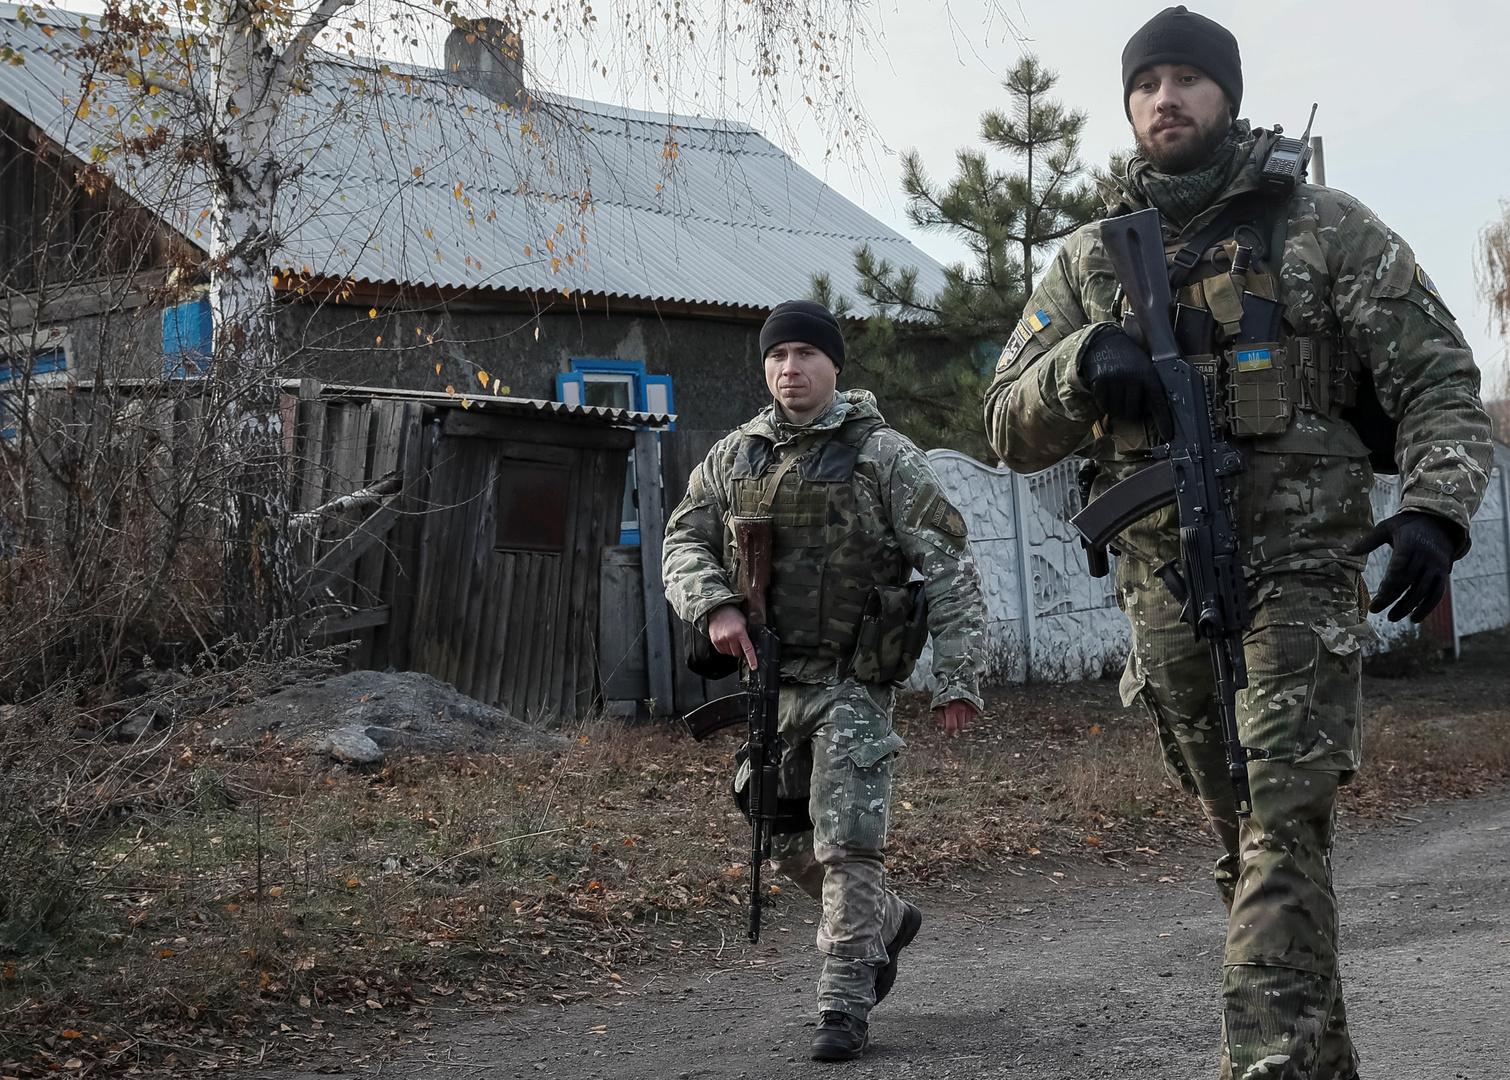 دورية للجيش الأوكراني في جنوب شرق البلاد